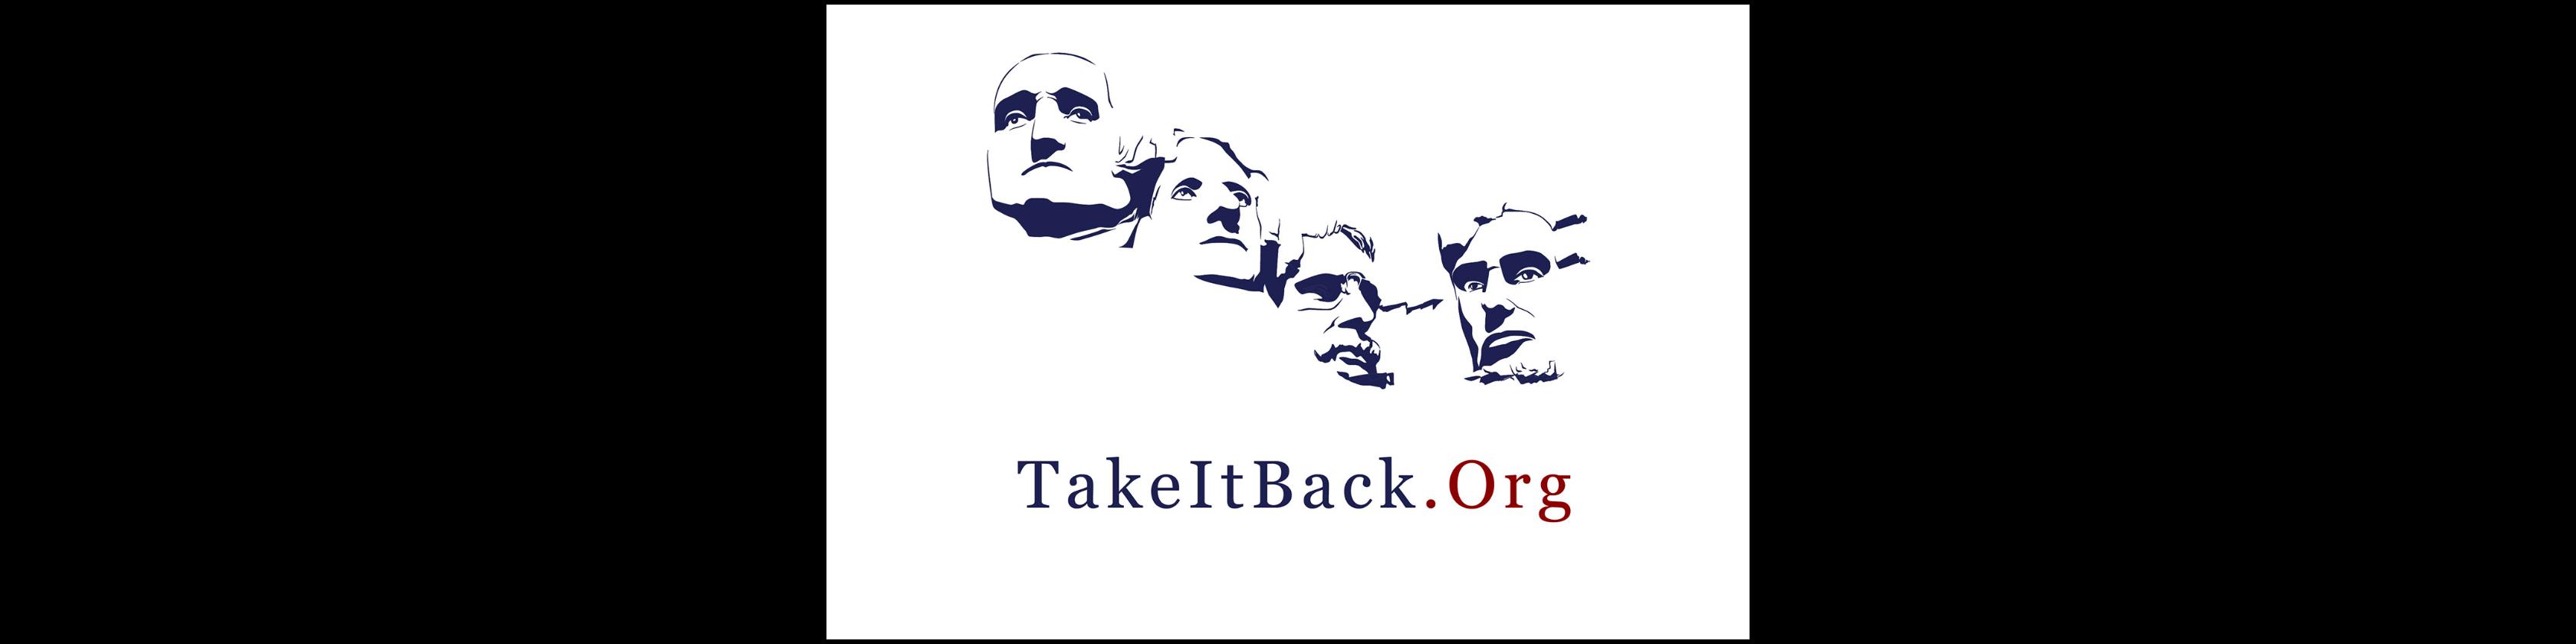 TakeItBack.Org